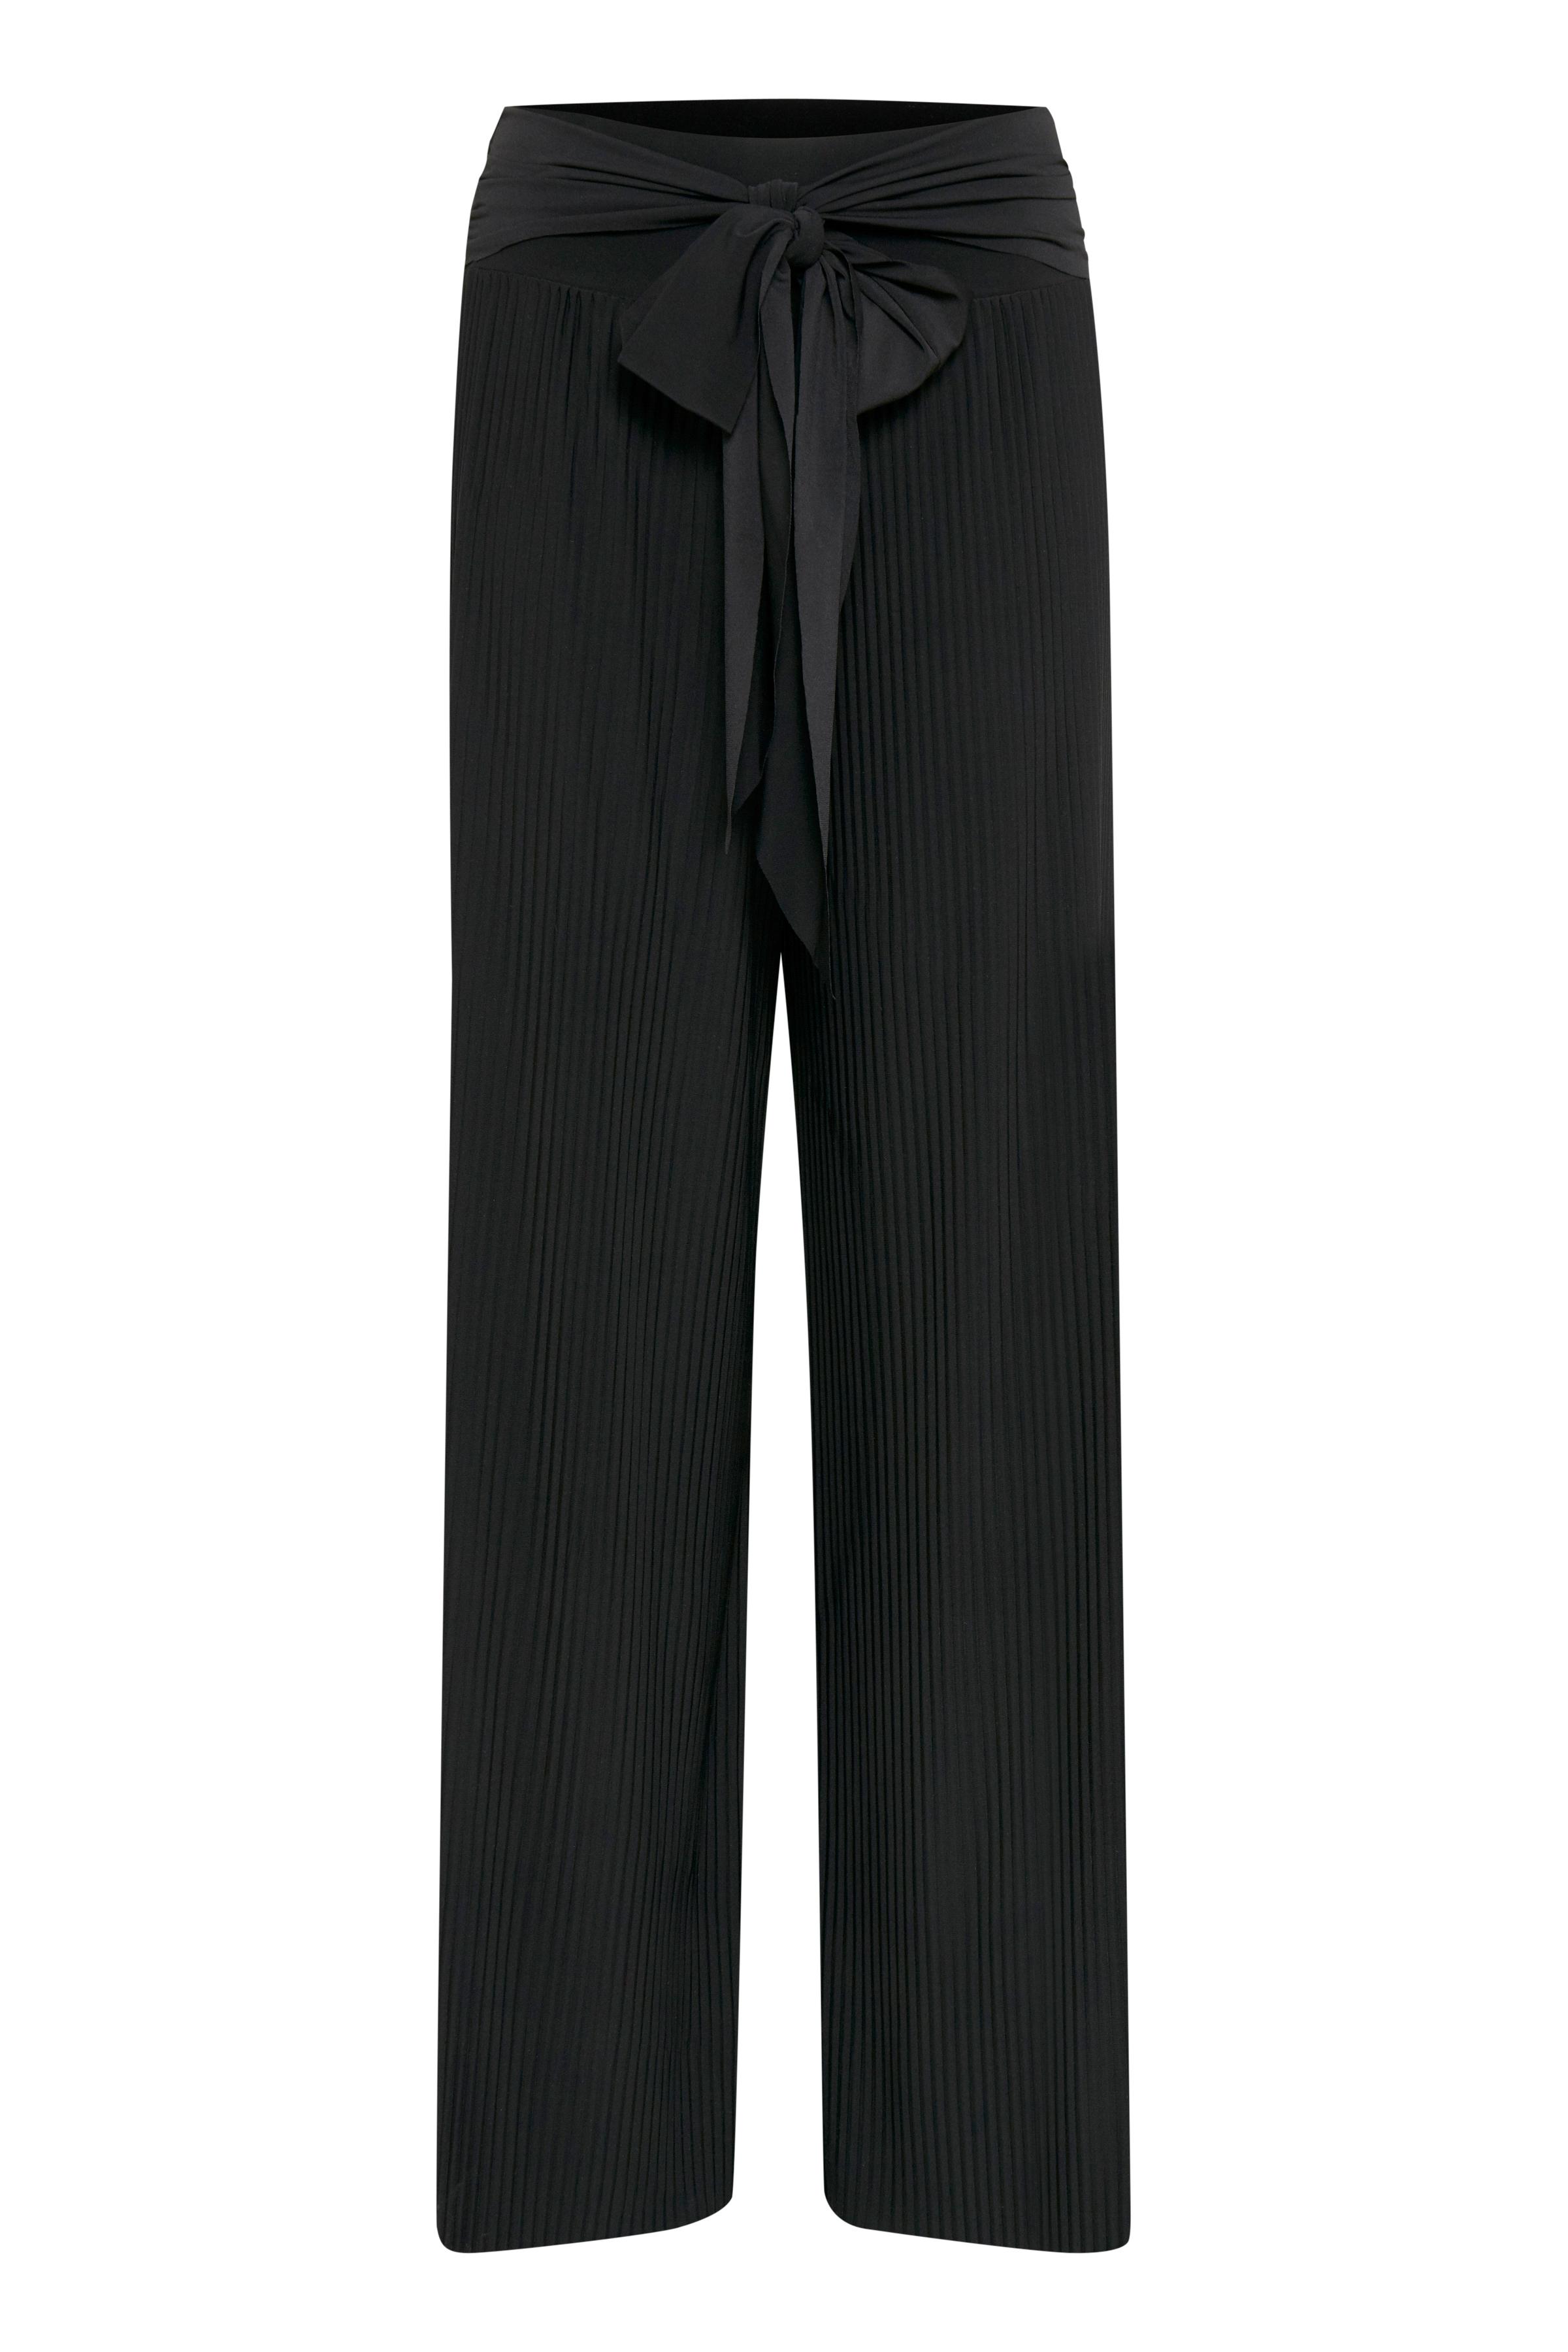 Fransa Dame Broek met vaste tailleband en riemlussen in de taille. De enkelbroek van FRANSA heeft een losse pasvorm. Geplooid Geweven kwaliteit. Een feestelijke broek die goed bij een kanten top en een paar pumps past. - Zwart